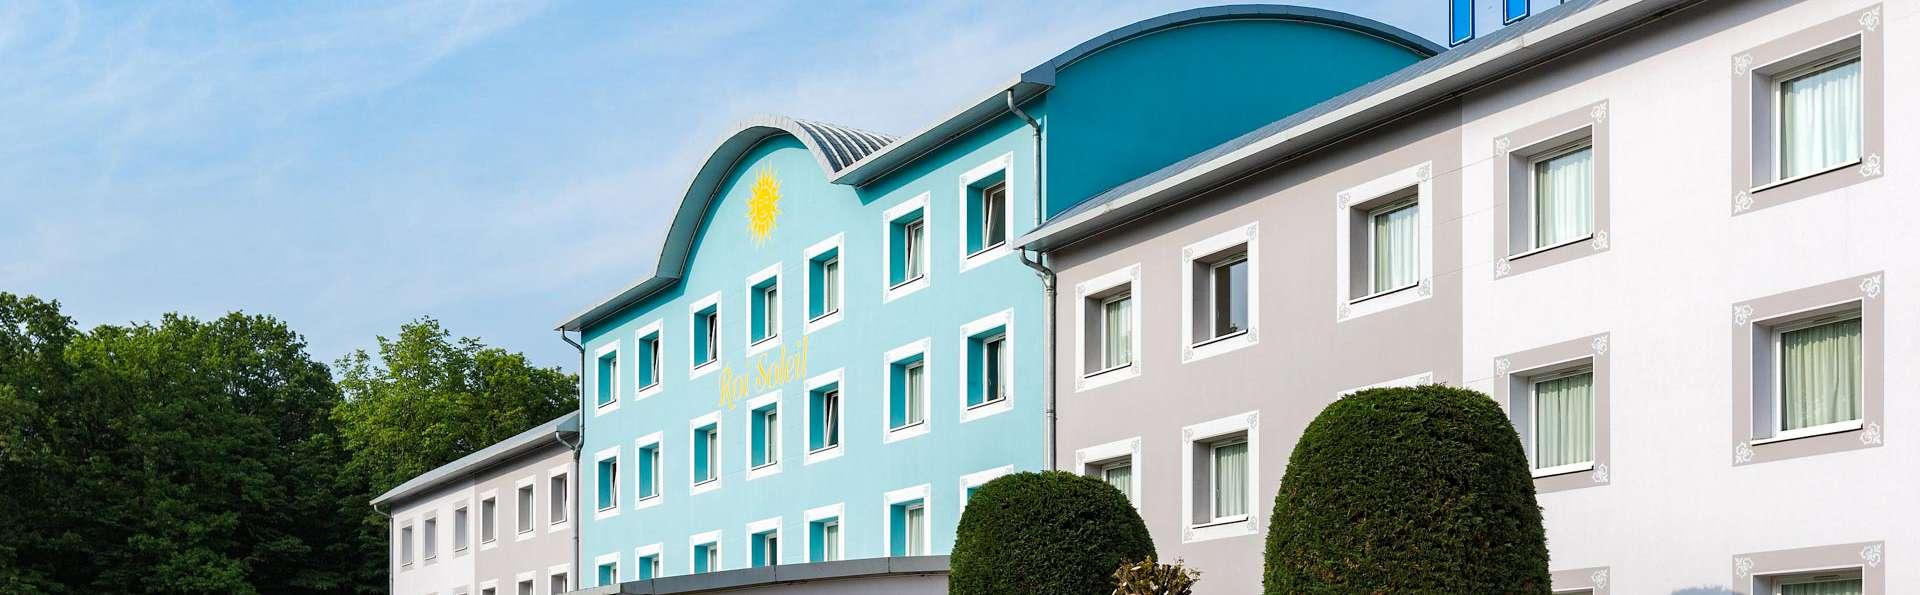 Hôtel Roi Soleil Amneville-Les-Thermes - EDIT_FRONT_03.jpg